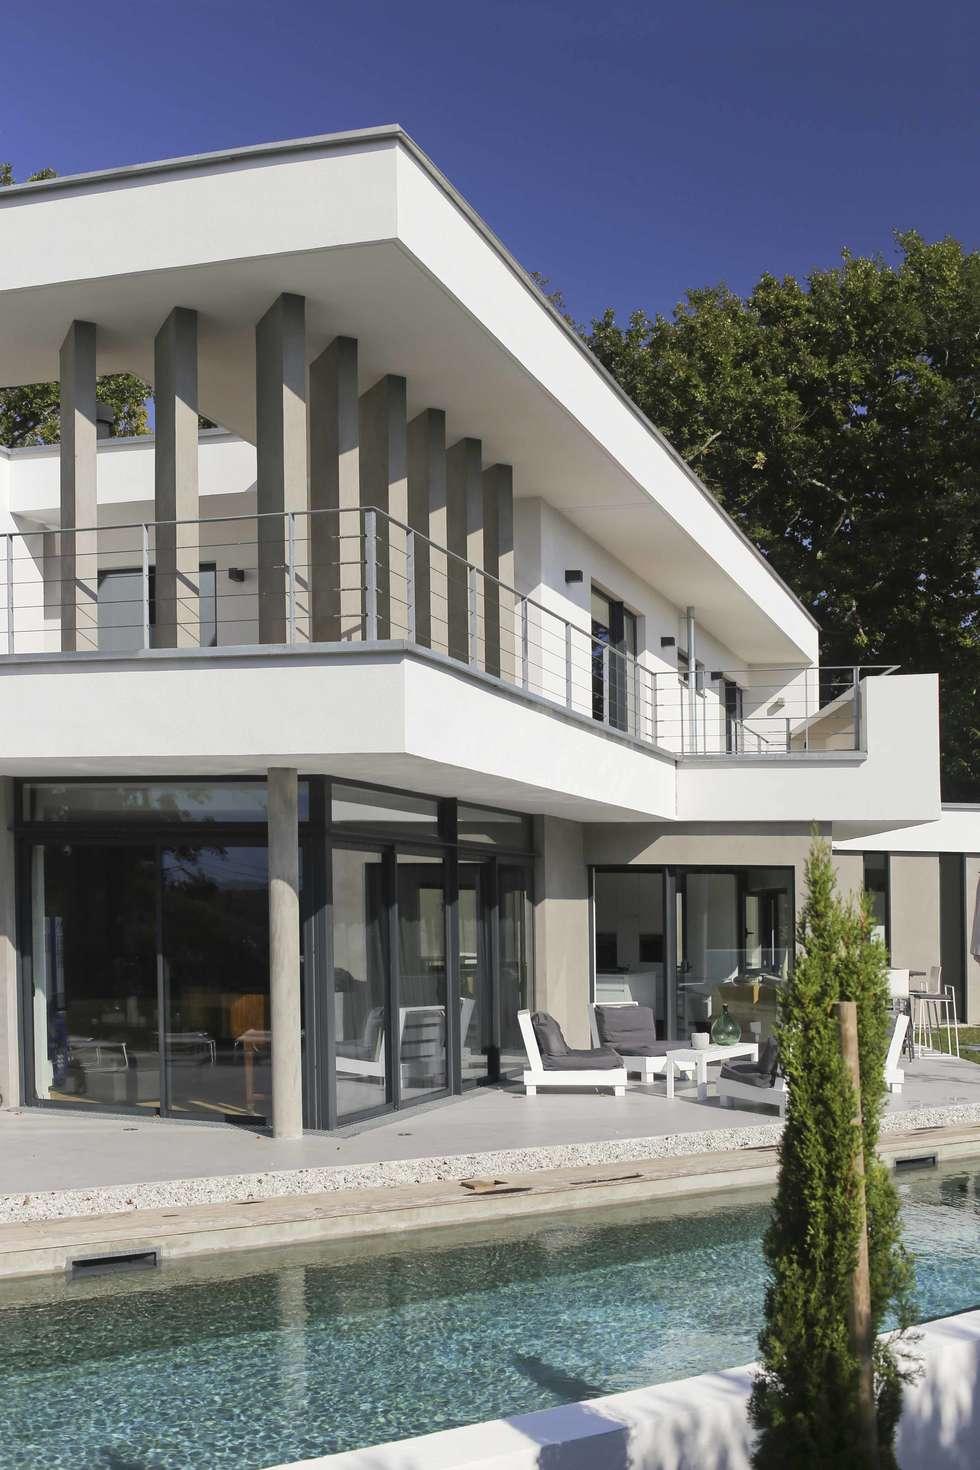 Maison neuve à biarritz: maisons de style de style moderne par ...